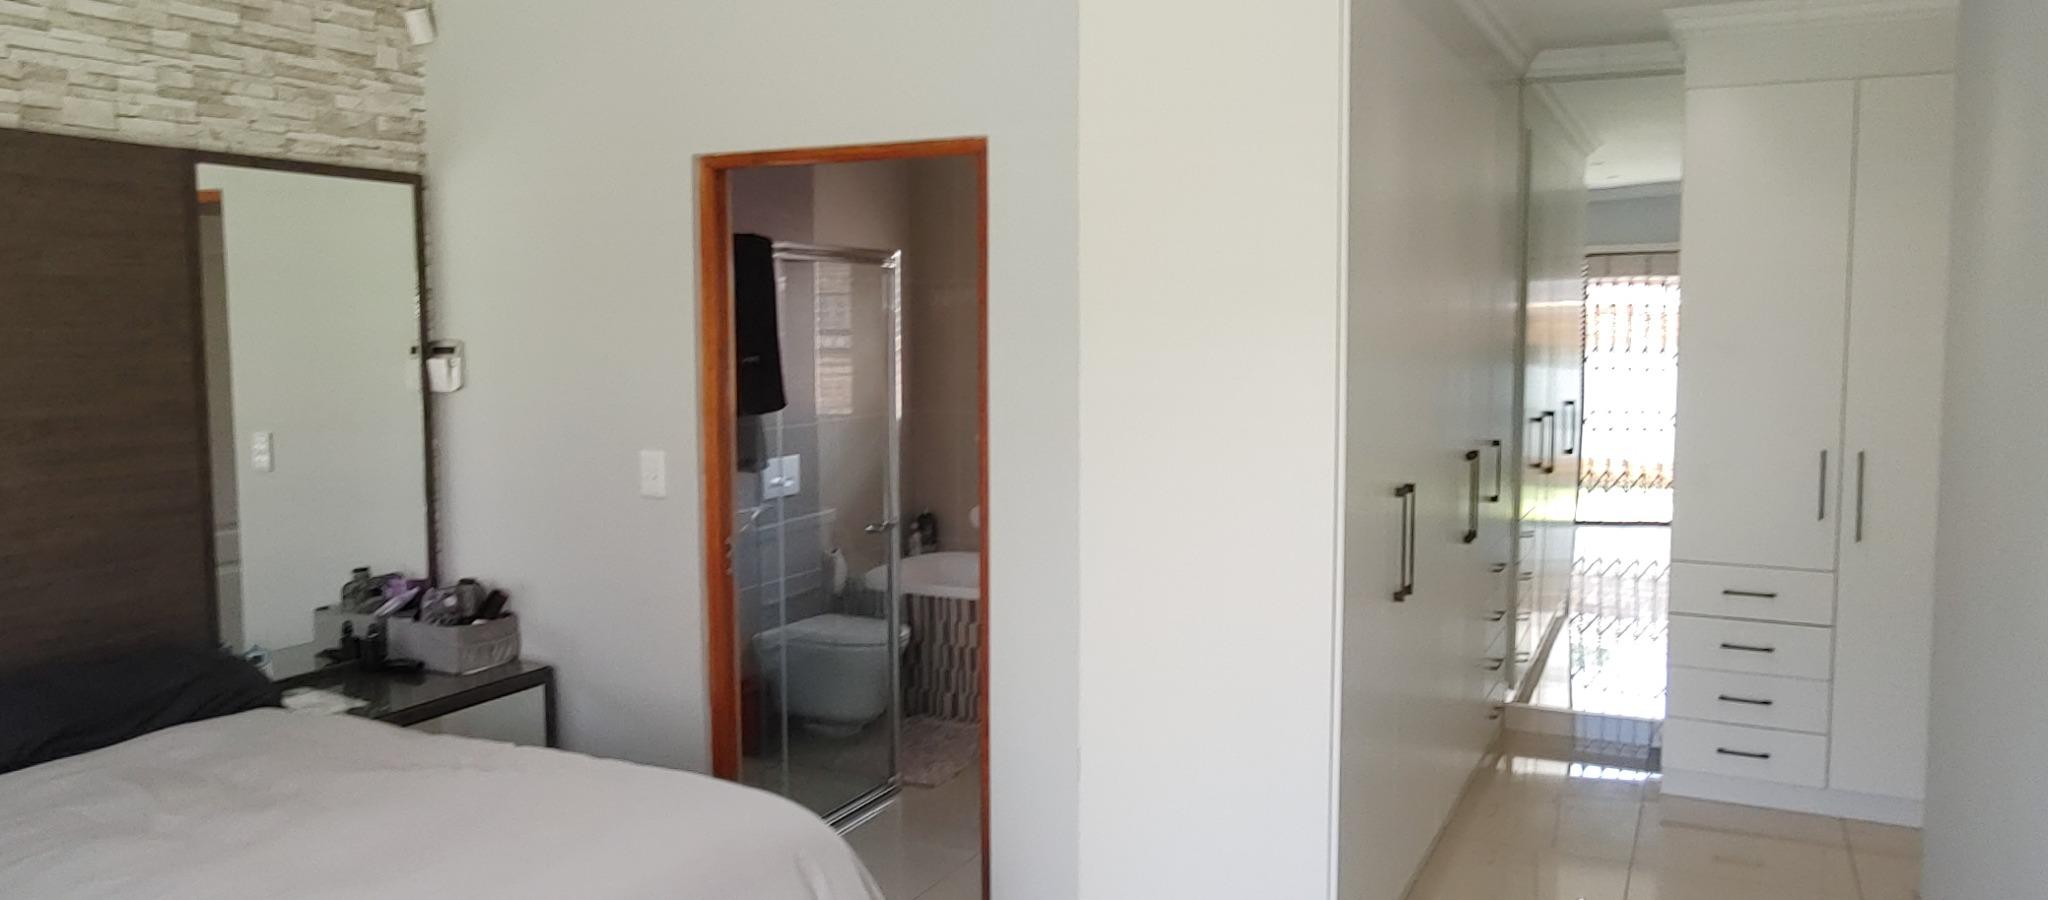 4 Bedroom House For Sale in Brackenhurst